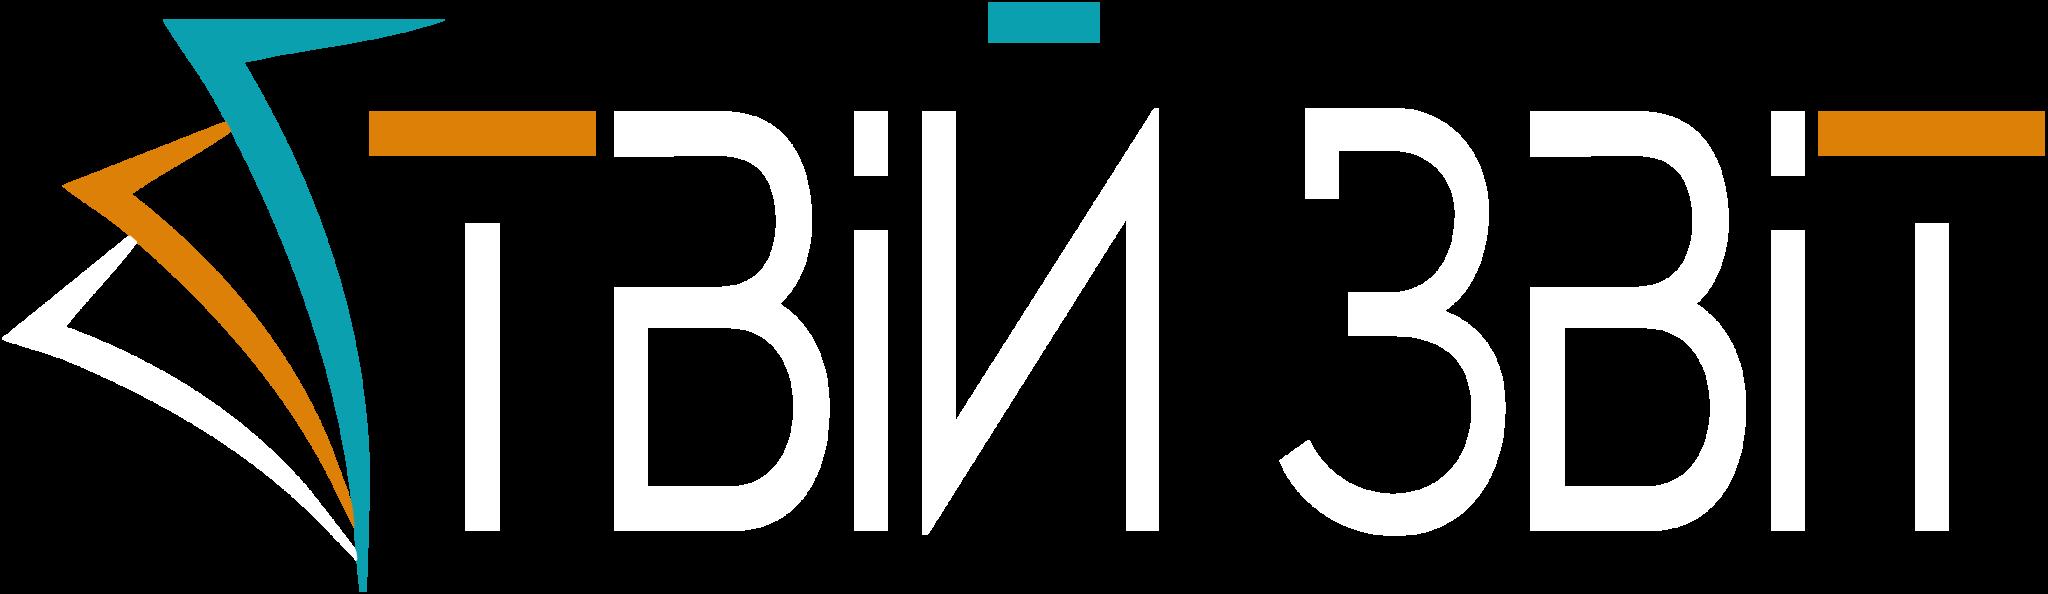 Бухгалтерские услуги в Киеве - услуги бухгалтерского учета, оказание бухгалтерских услуг